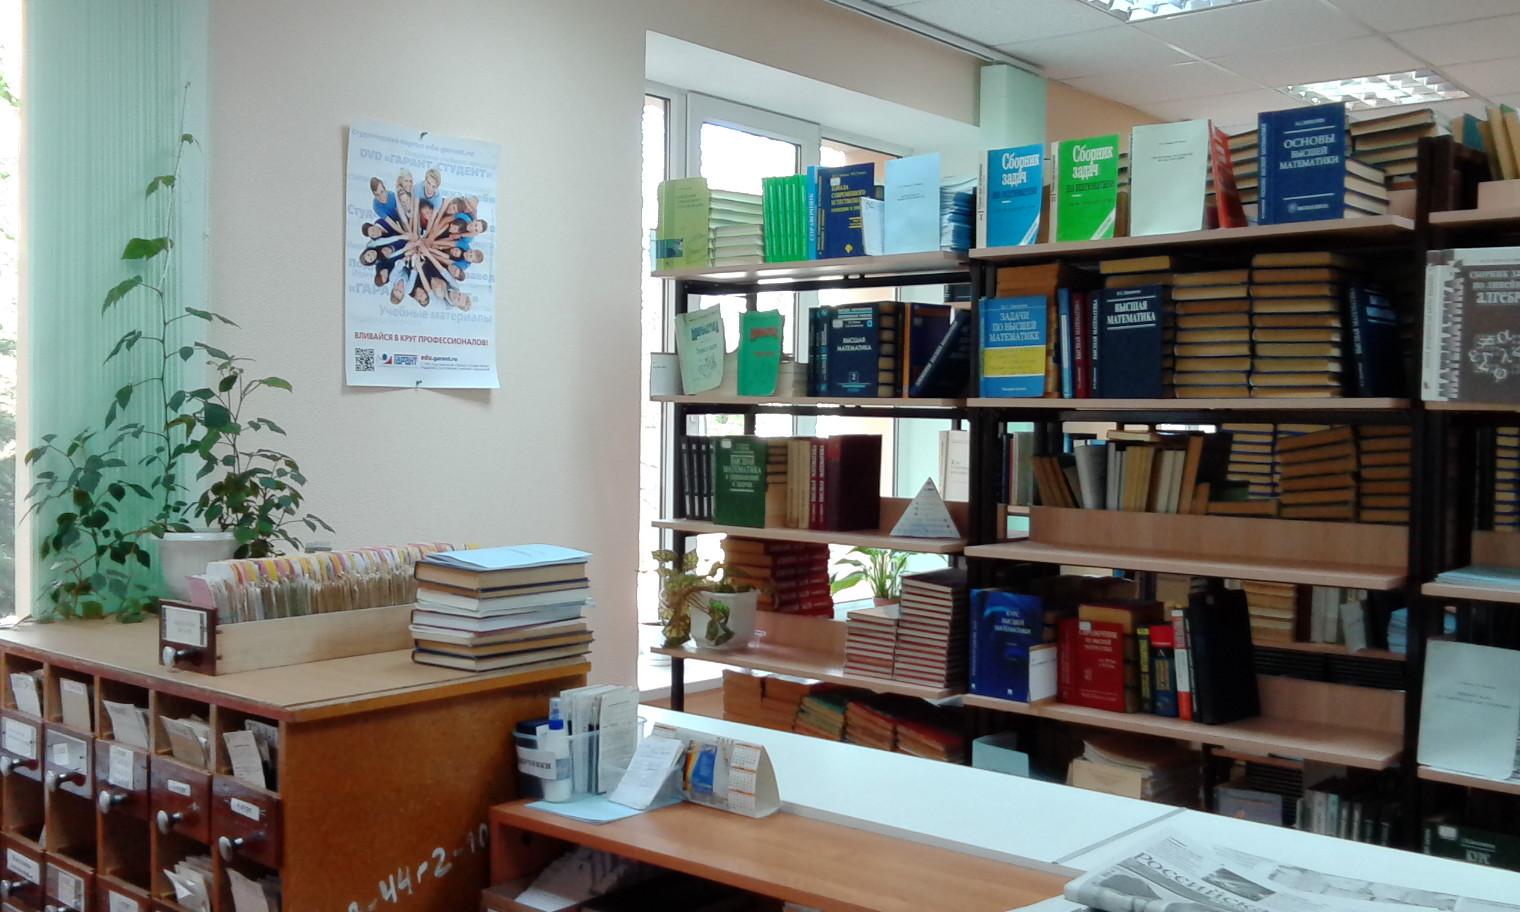 Библиотека Филиал МЭИ в г Волжском абонемент фото 1